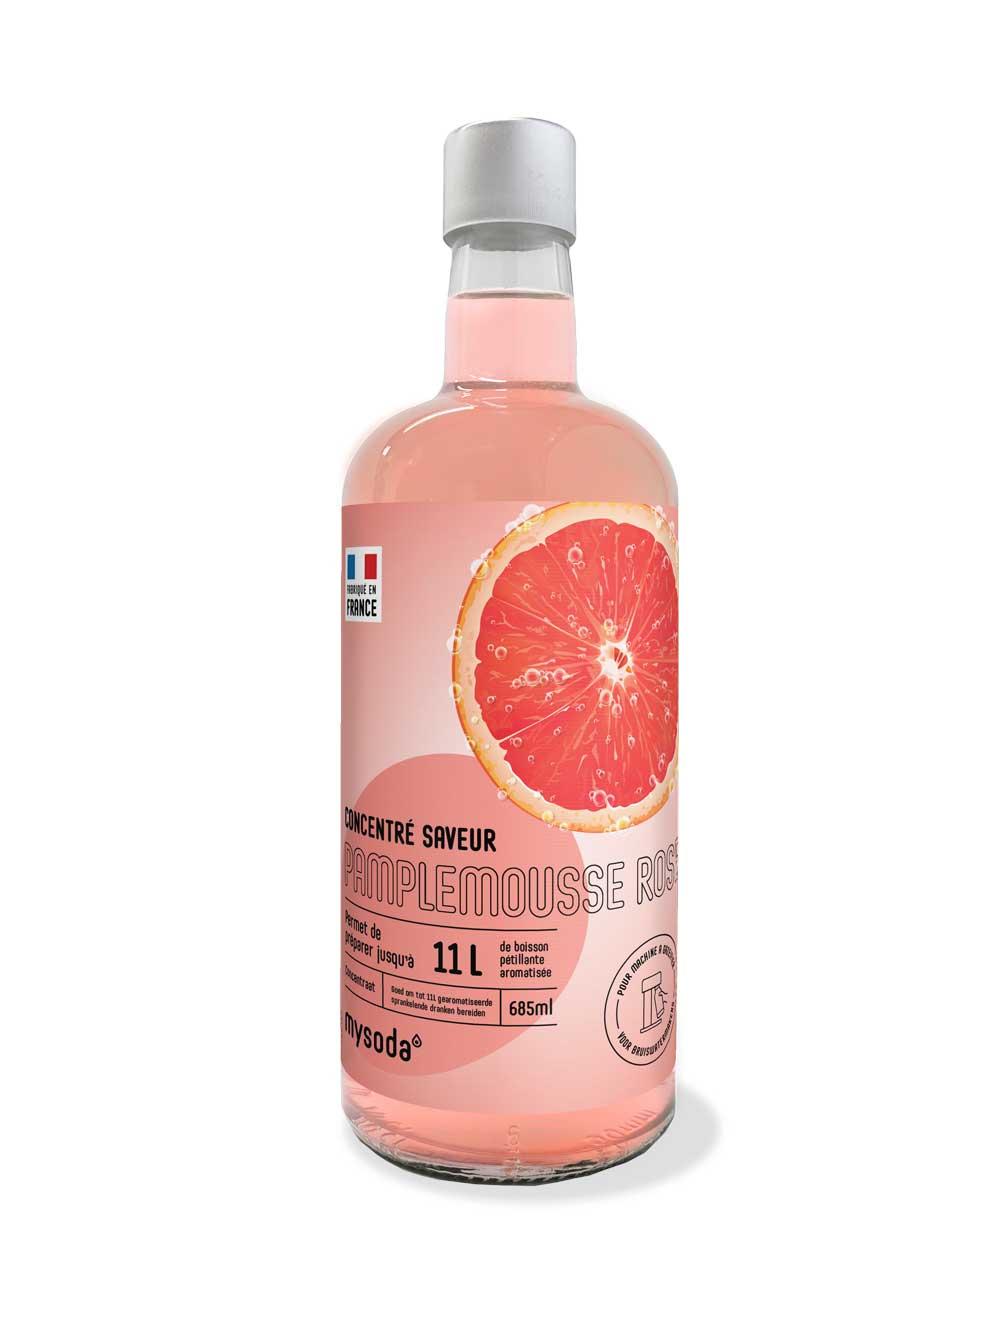 Mysoda Grapefruit Smaak